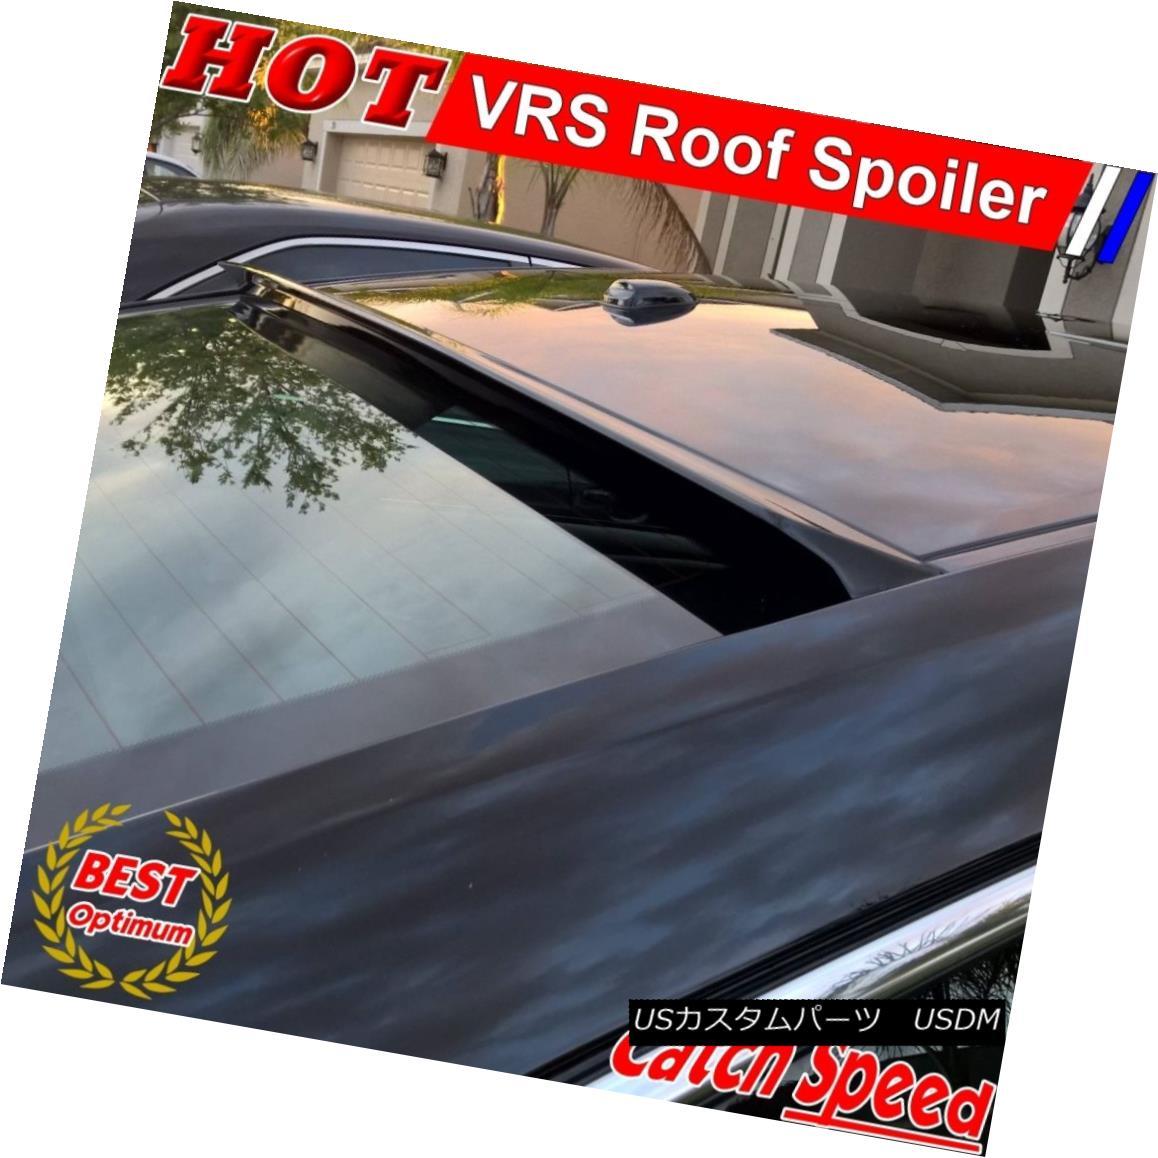 エアロパーツ Painted VRS Rear Roof Spoiler Wing For Dodge Dart Sedan 2013 2014 2015 Dodge Dart Sedan 2013の2014年2015年塗装VRSリアルーフ・スポイラー・ウィング